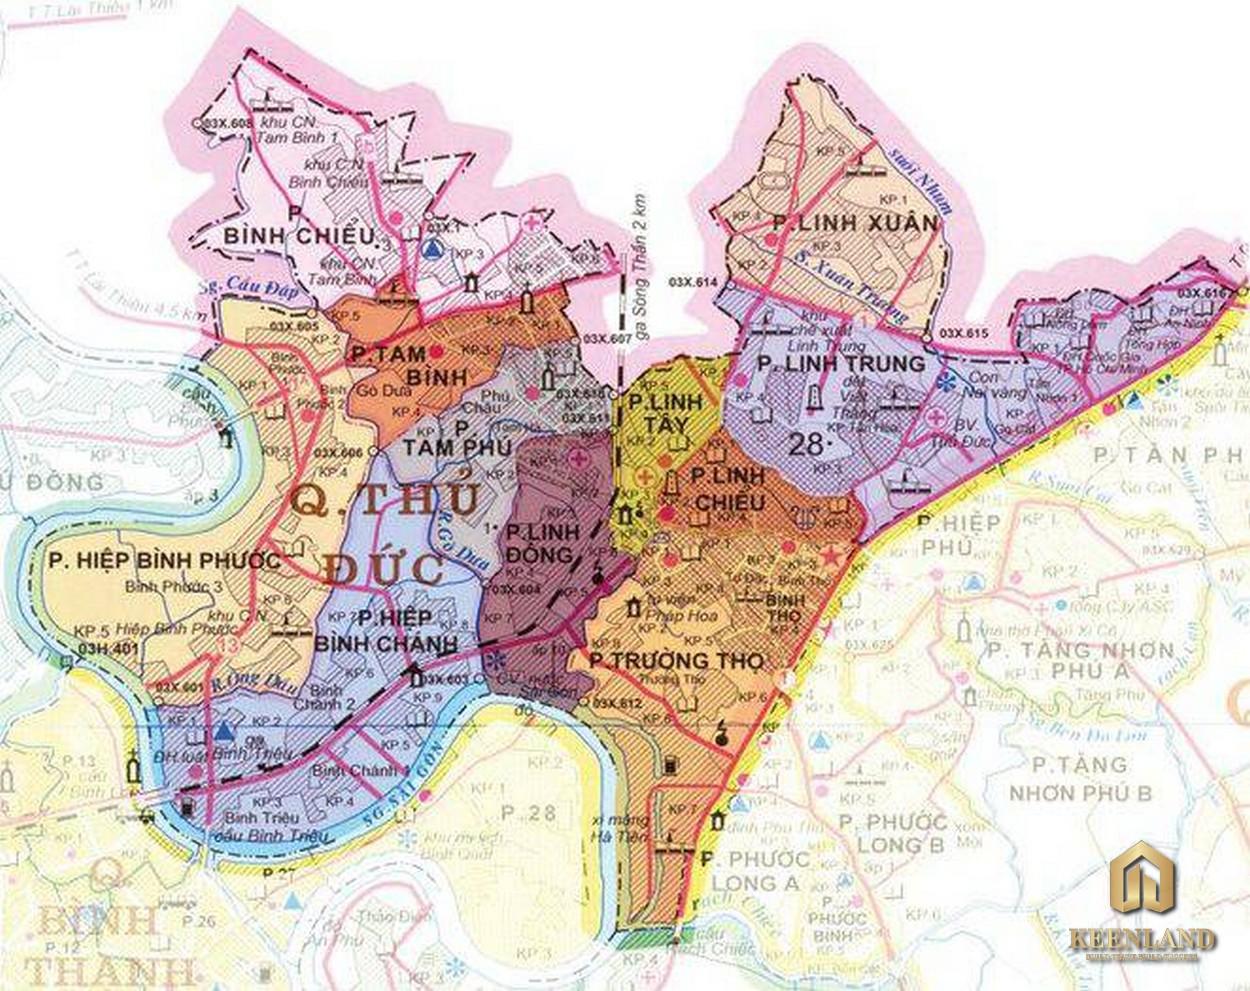 Chung cư Quận Thủ Đức